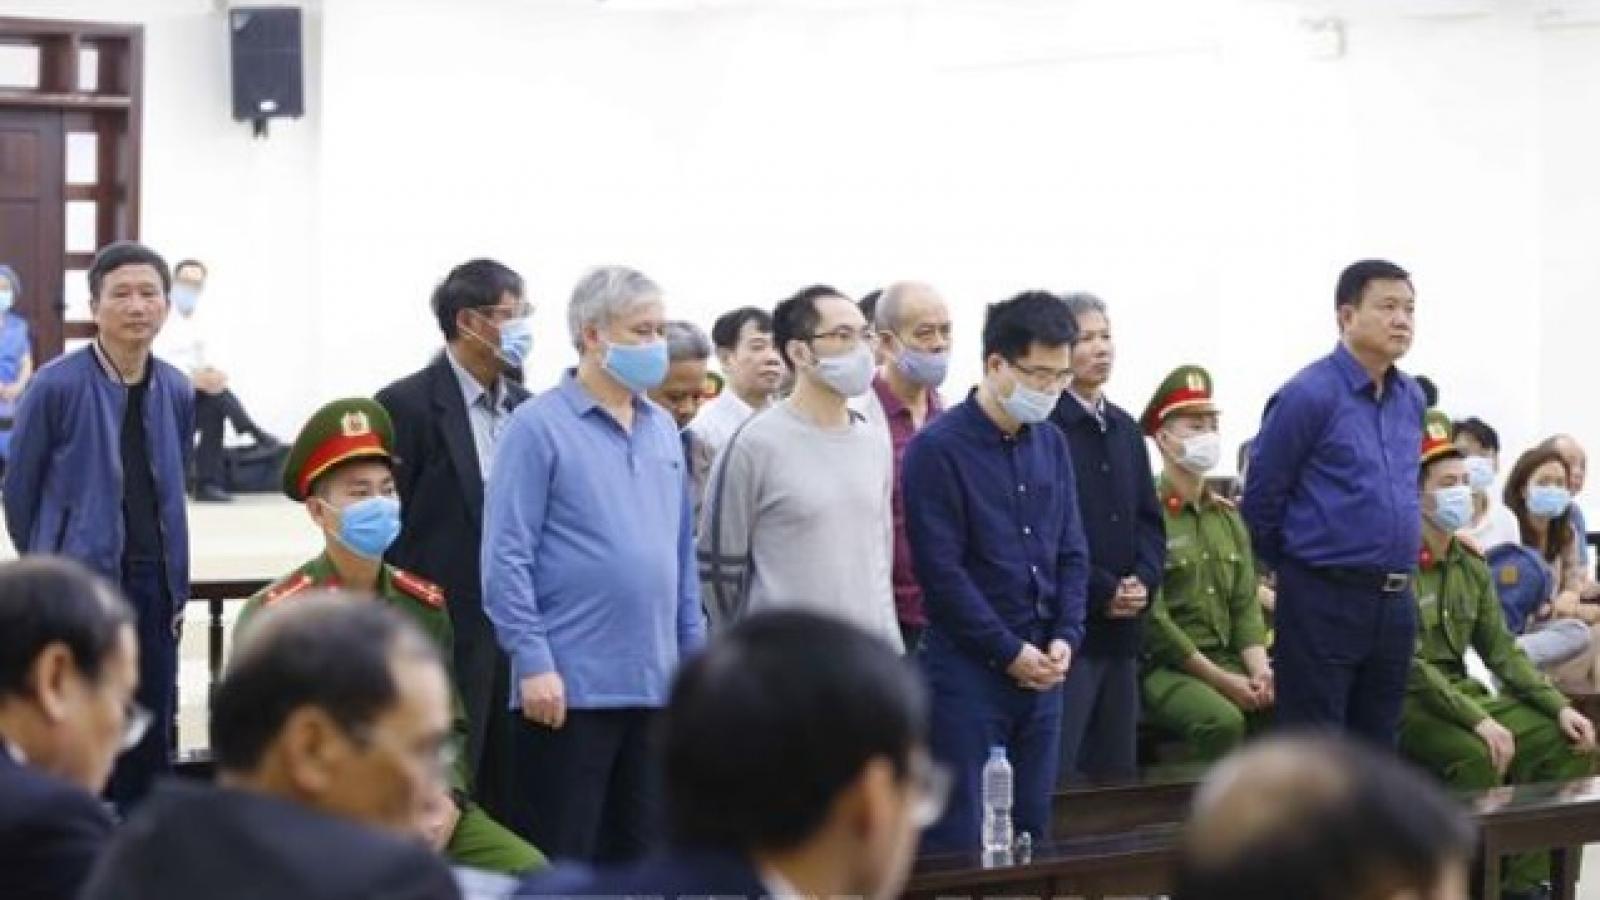 Bị cáo Đinh La Thăng lãnh 11 năm tù, Trịnh Xuân Thanh 18 năm tù vụ Ethanol Phú Thọ